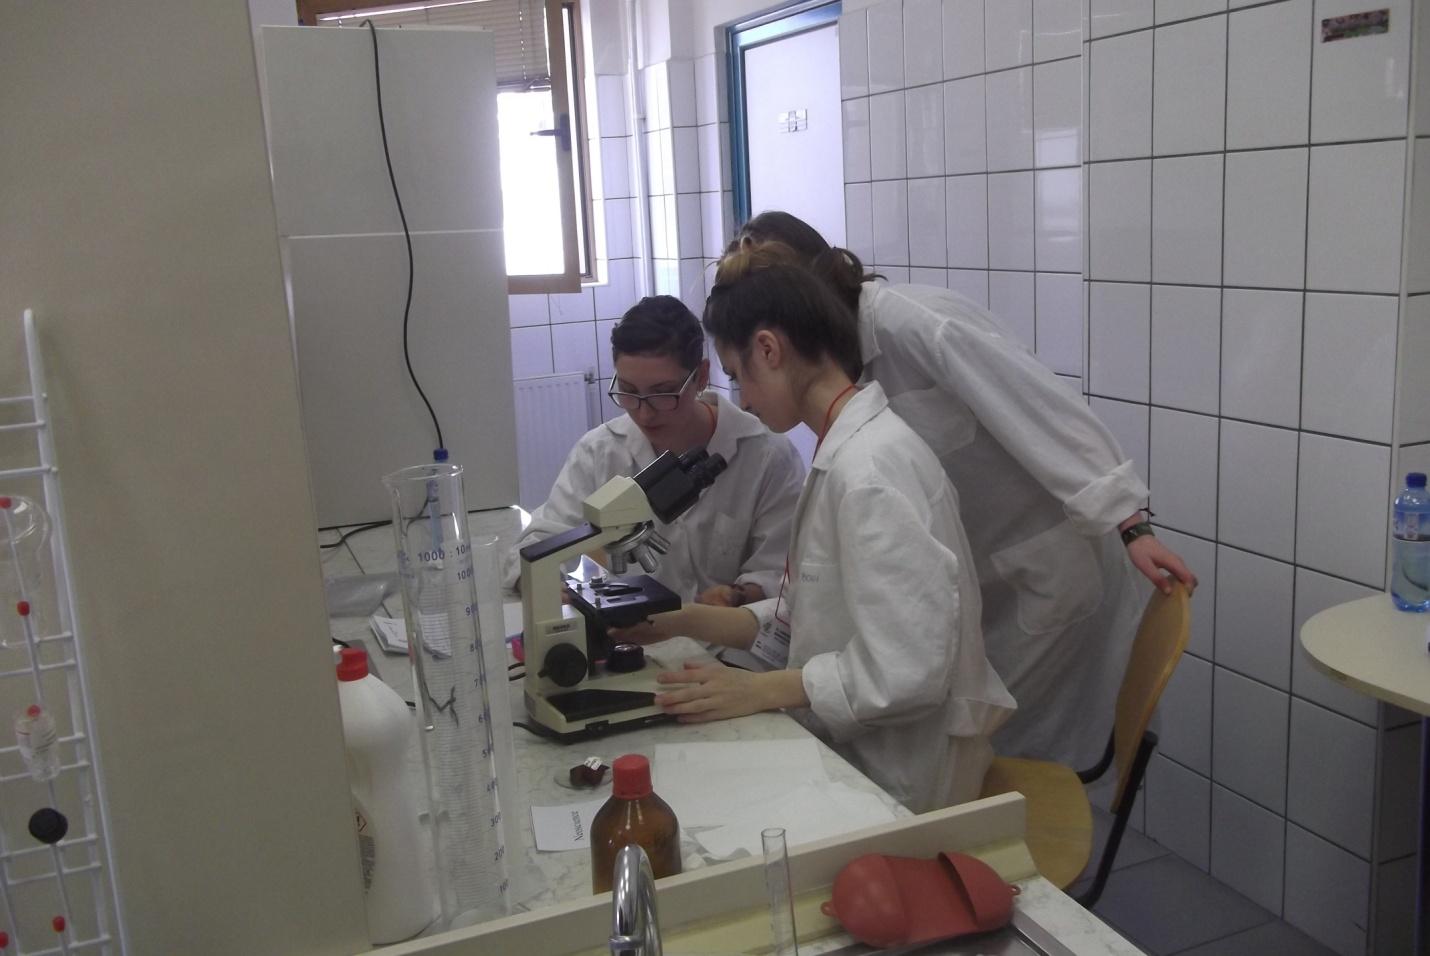 laborkukac4